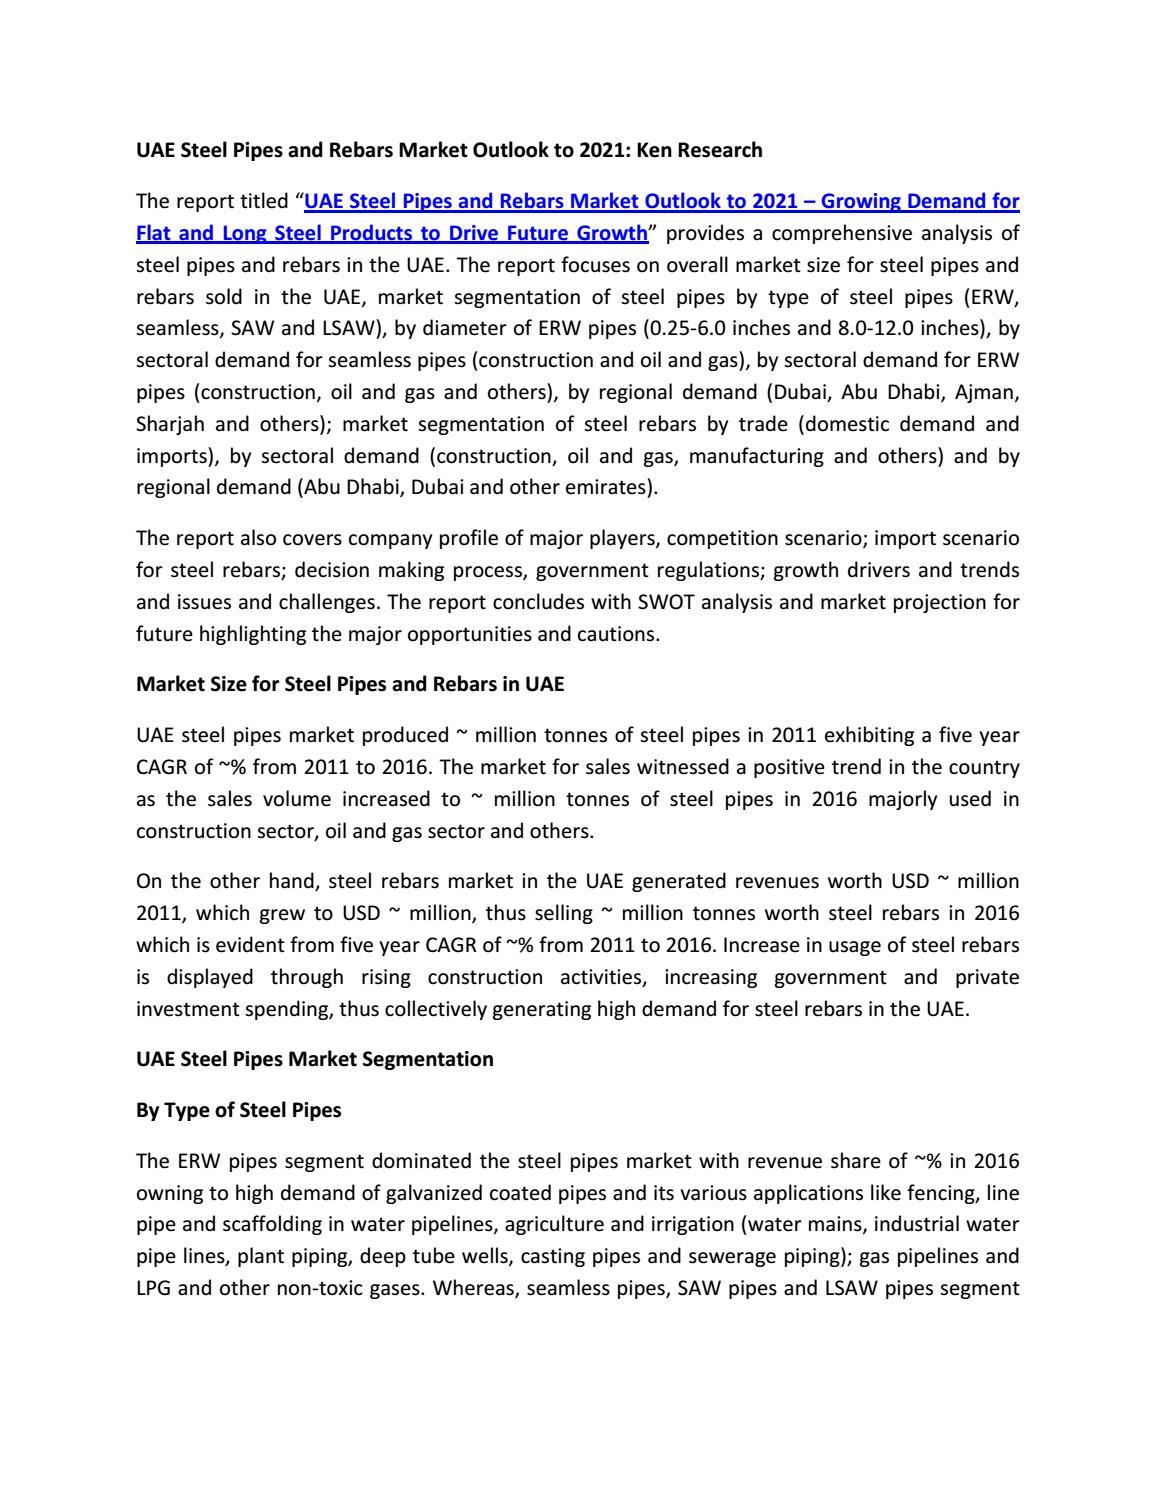 Competition In Steel Pipe Uae, Imports Steel Rebars Uae